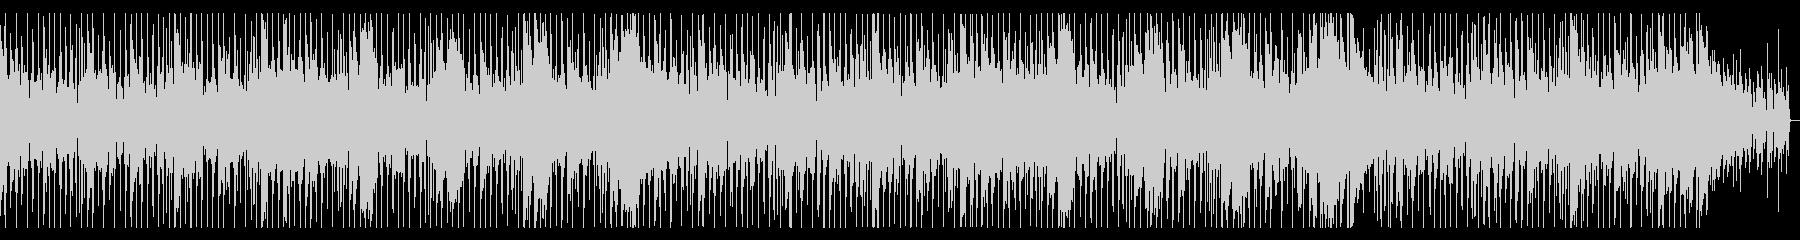 サックスが色っぽいチル系スムースジャズの未再生の波形